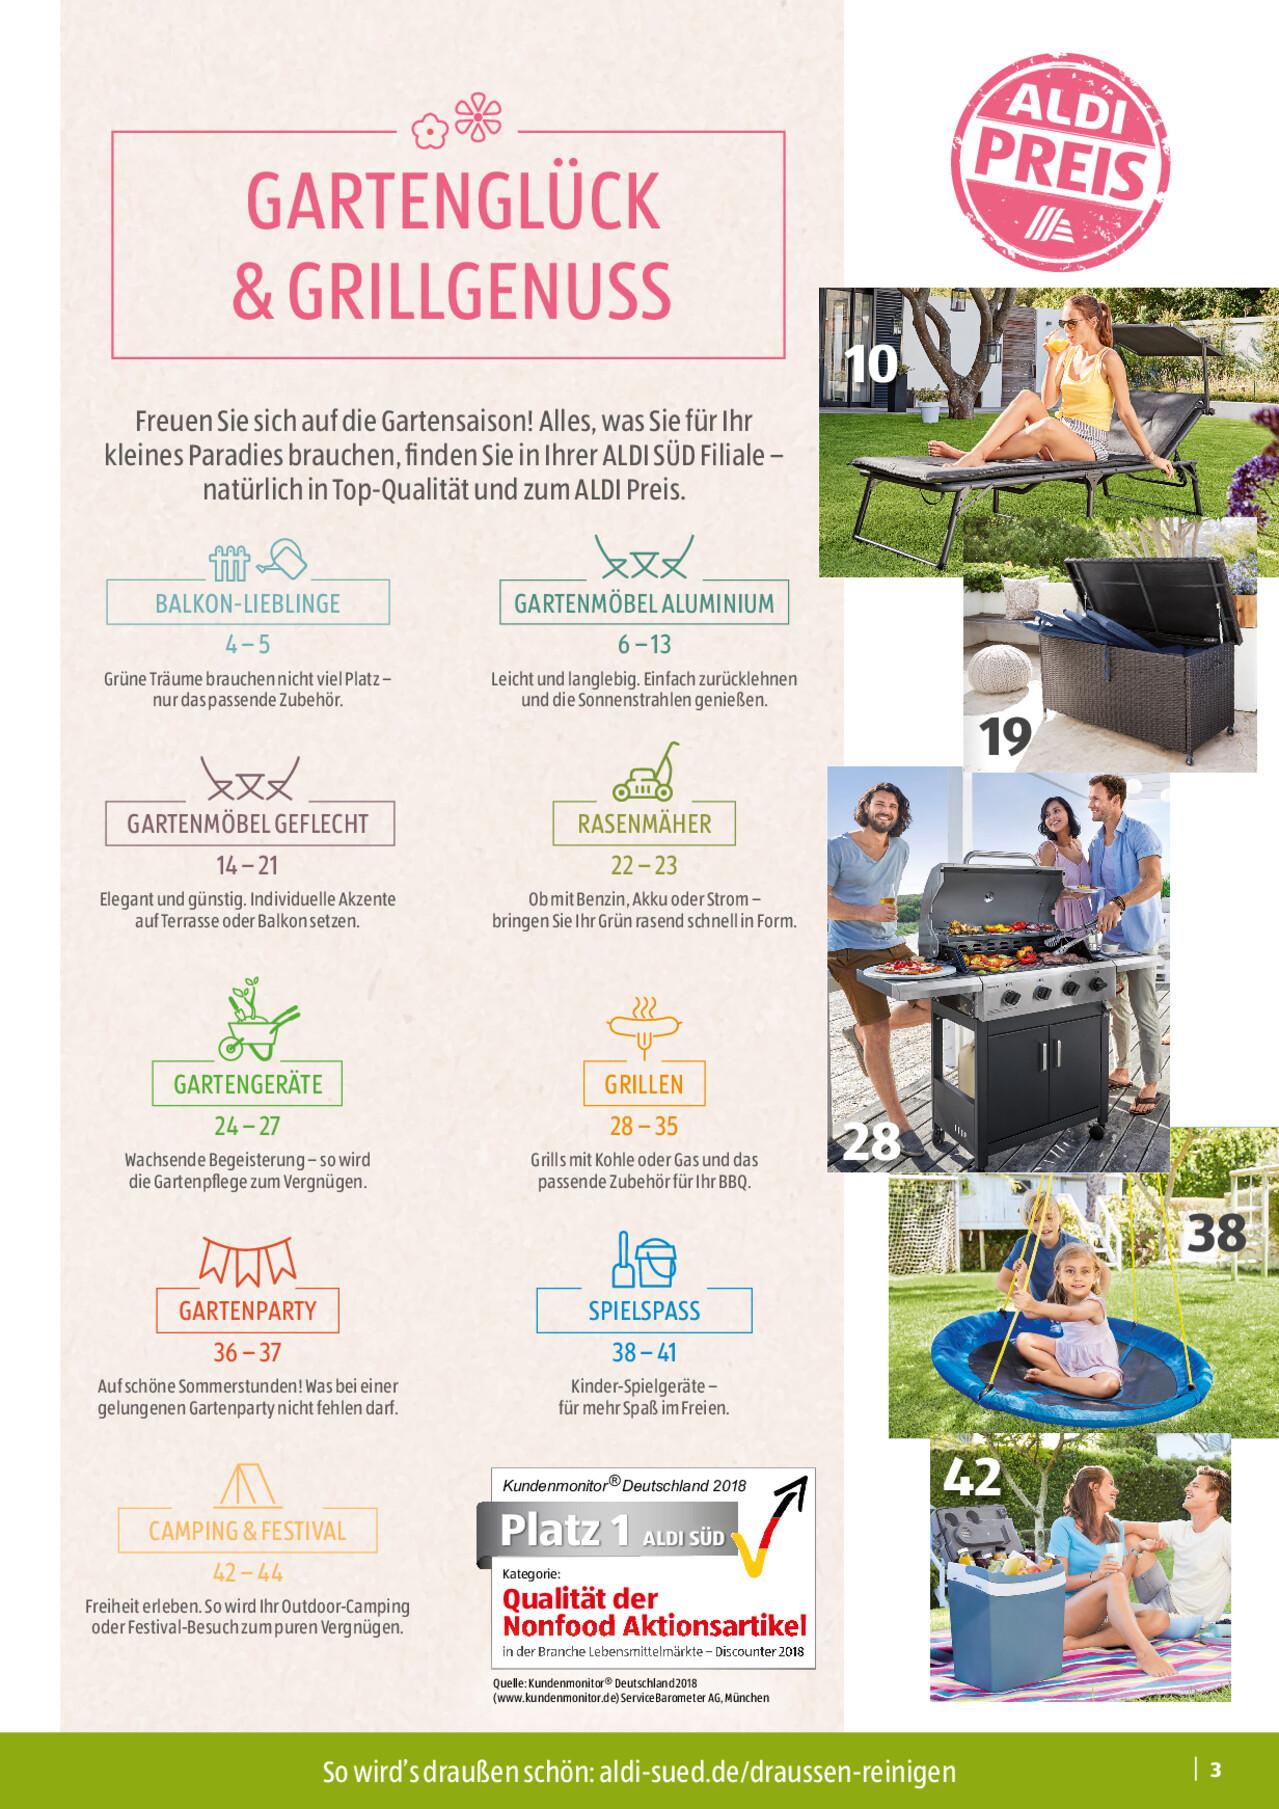 Full Size of Aldi Gartenliege 2020 Sd Gartenbroschre 2019 Relaxsessel Garten Wohnzimmer Aldi Gartenliege 2020